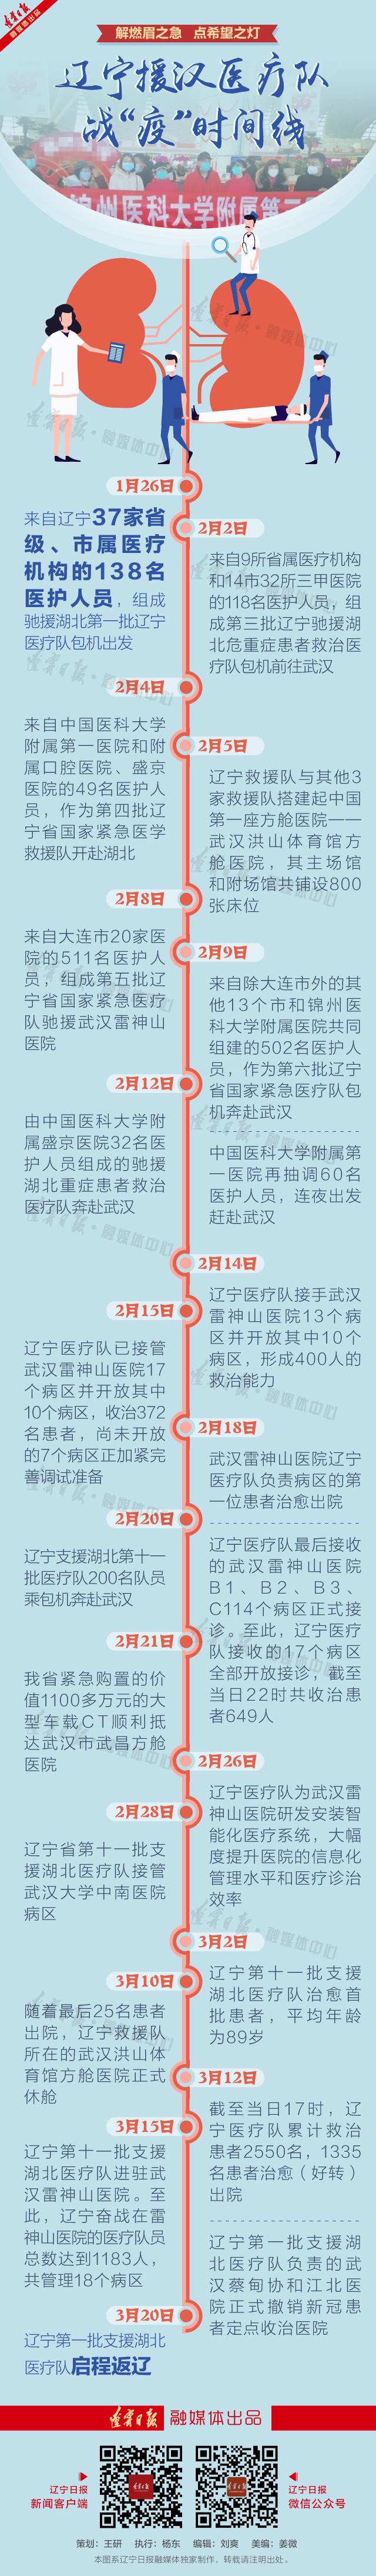 """英雄凯旋!辽宁援汉医疗队战""""疫"""